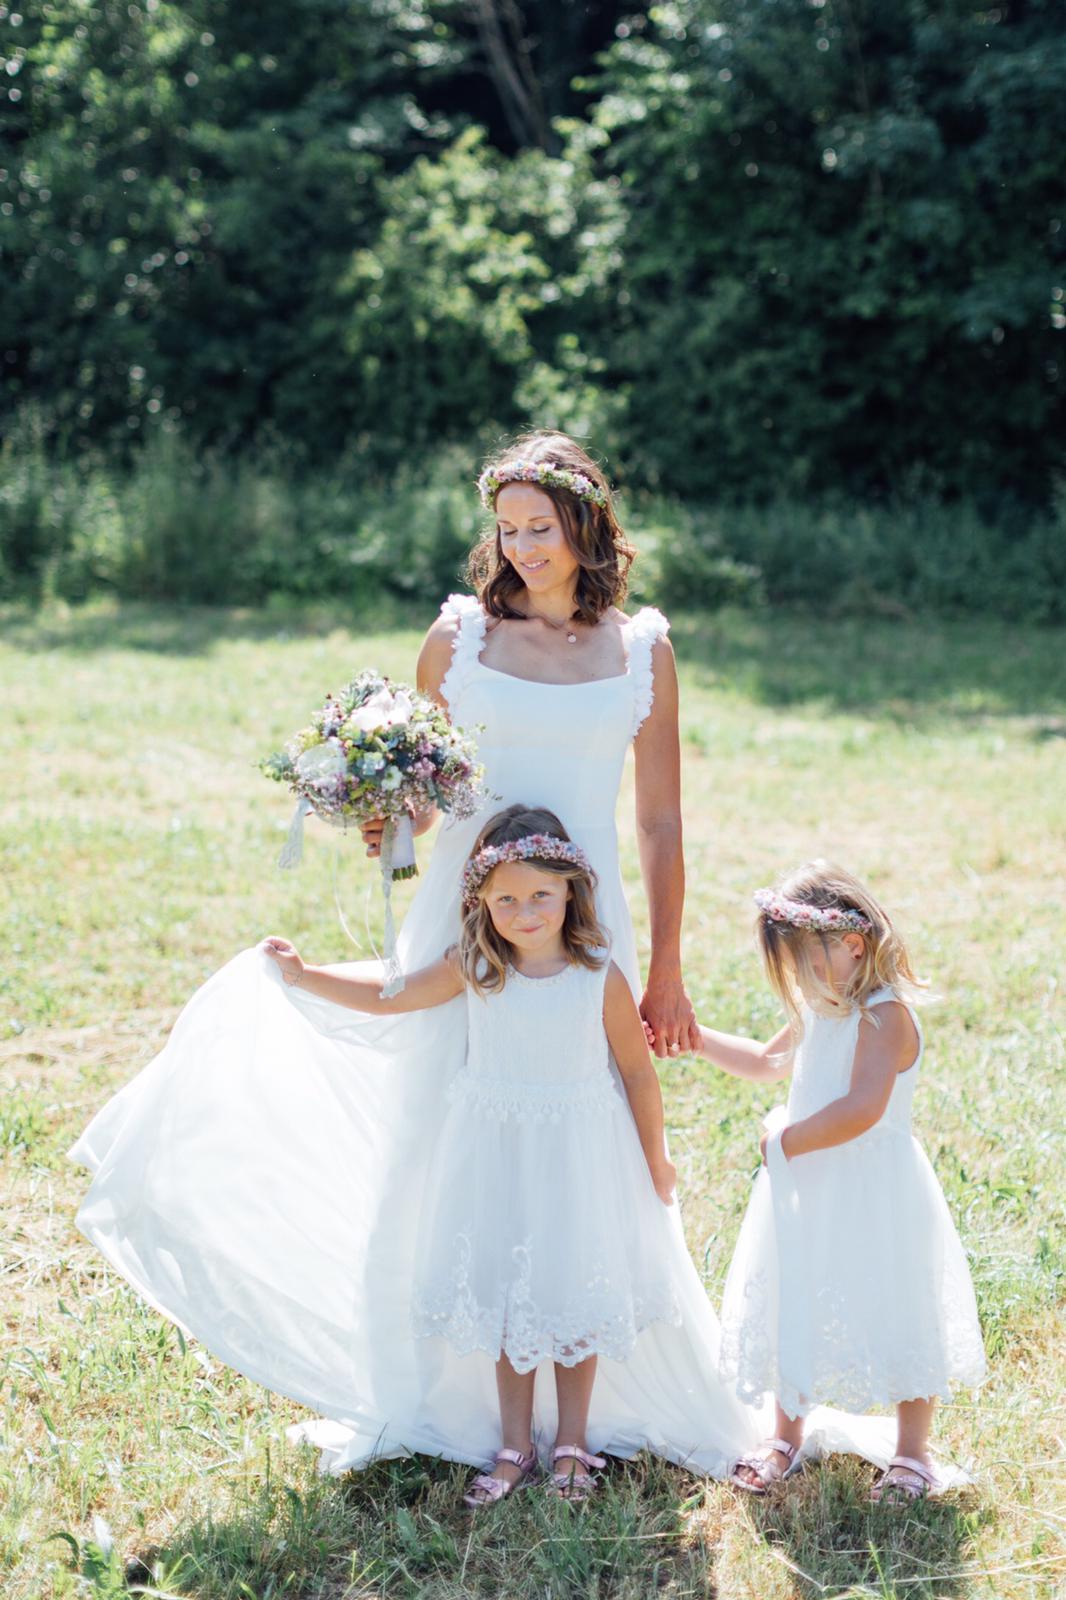 Lovelly die Fee Brautkleider Wels